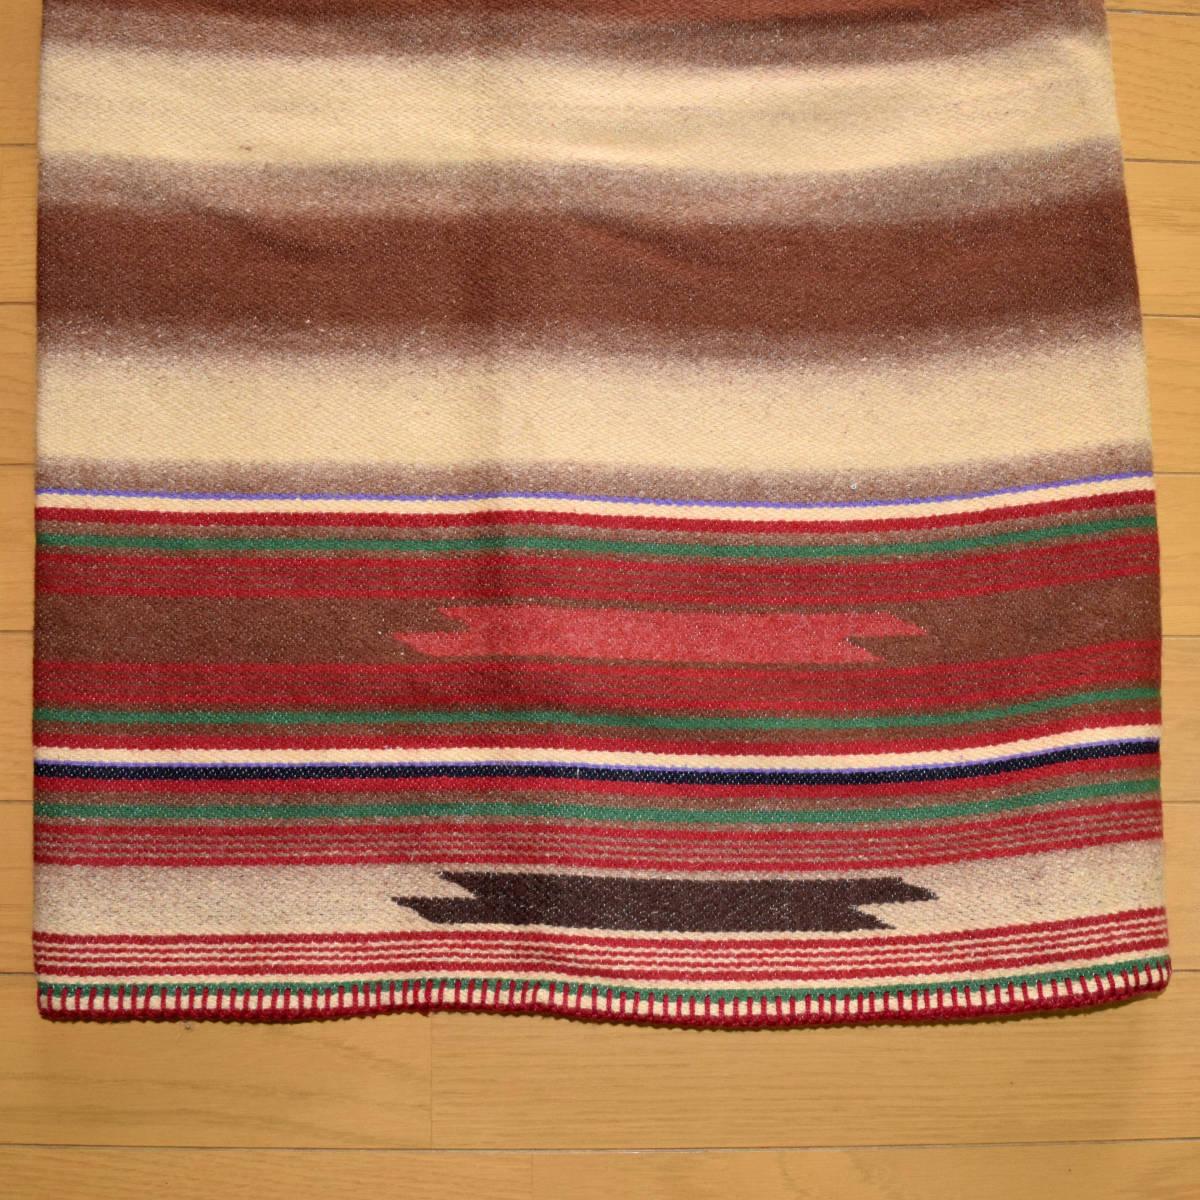 美品!USA製 ポロカントリー ネイティブ柄 ブランケット M ラグ ロング 巻きスカート コンチョ付 古着 ナバホ インディアン ビンテージ_画像9